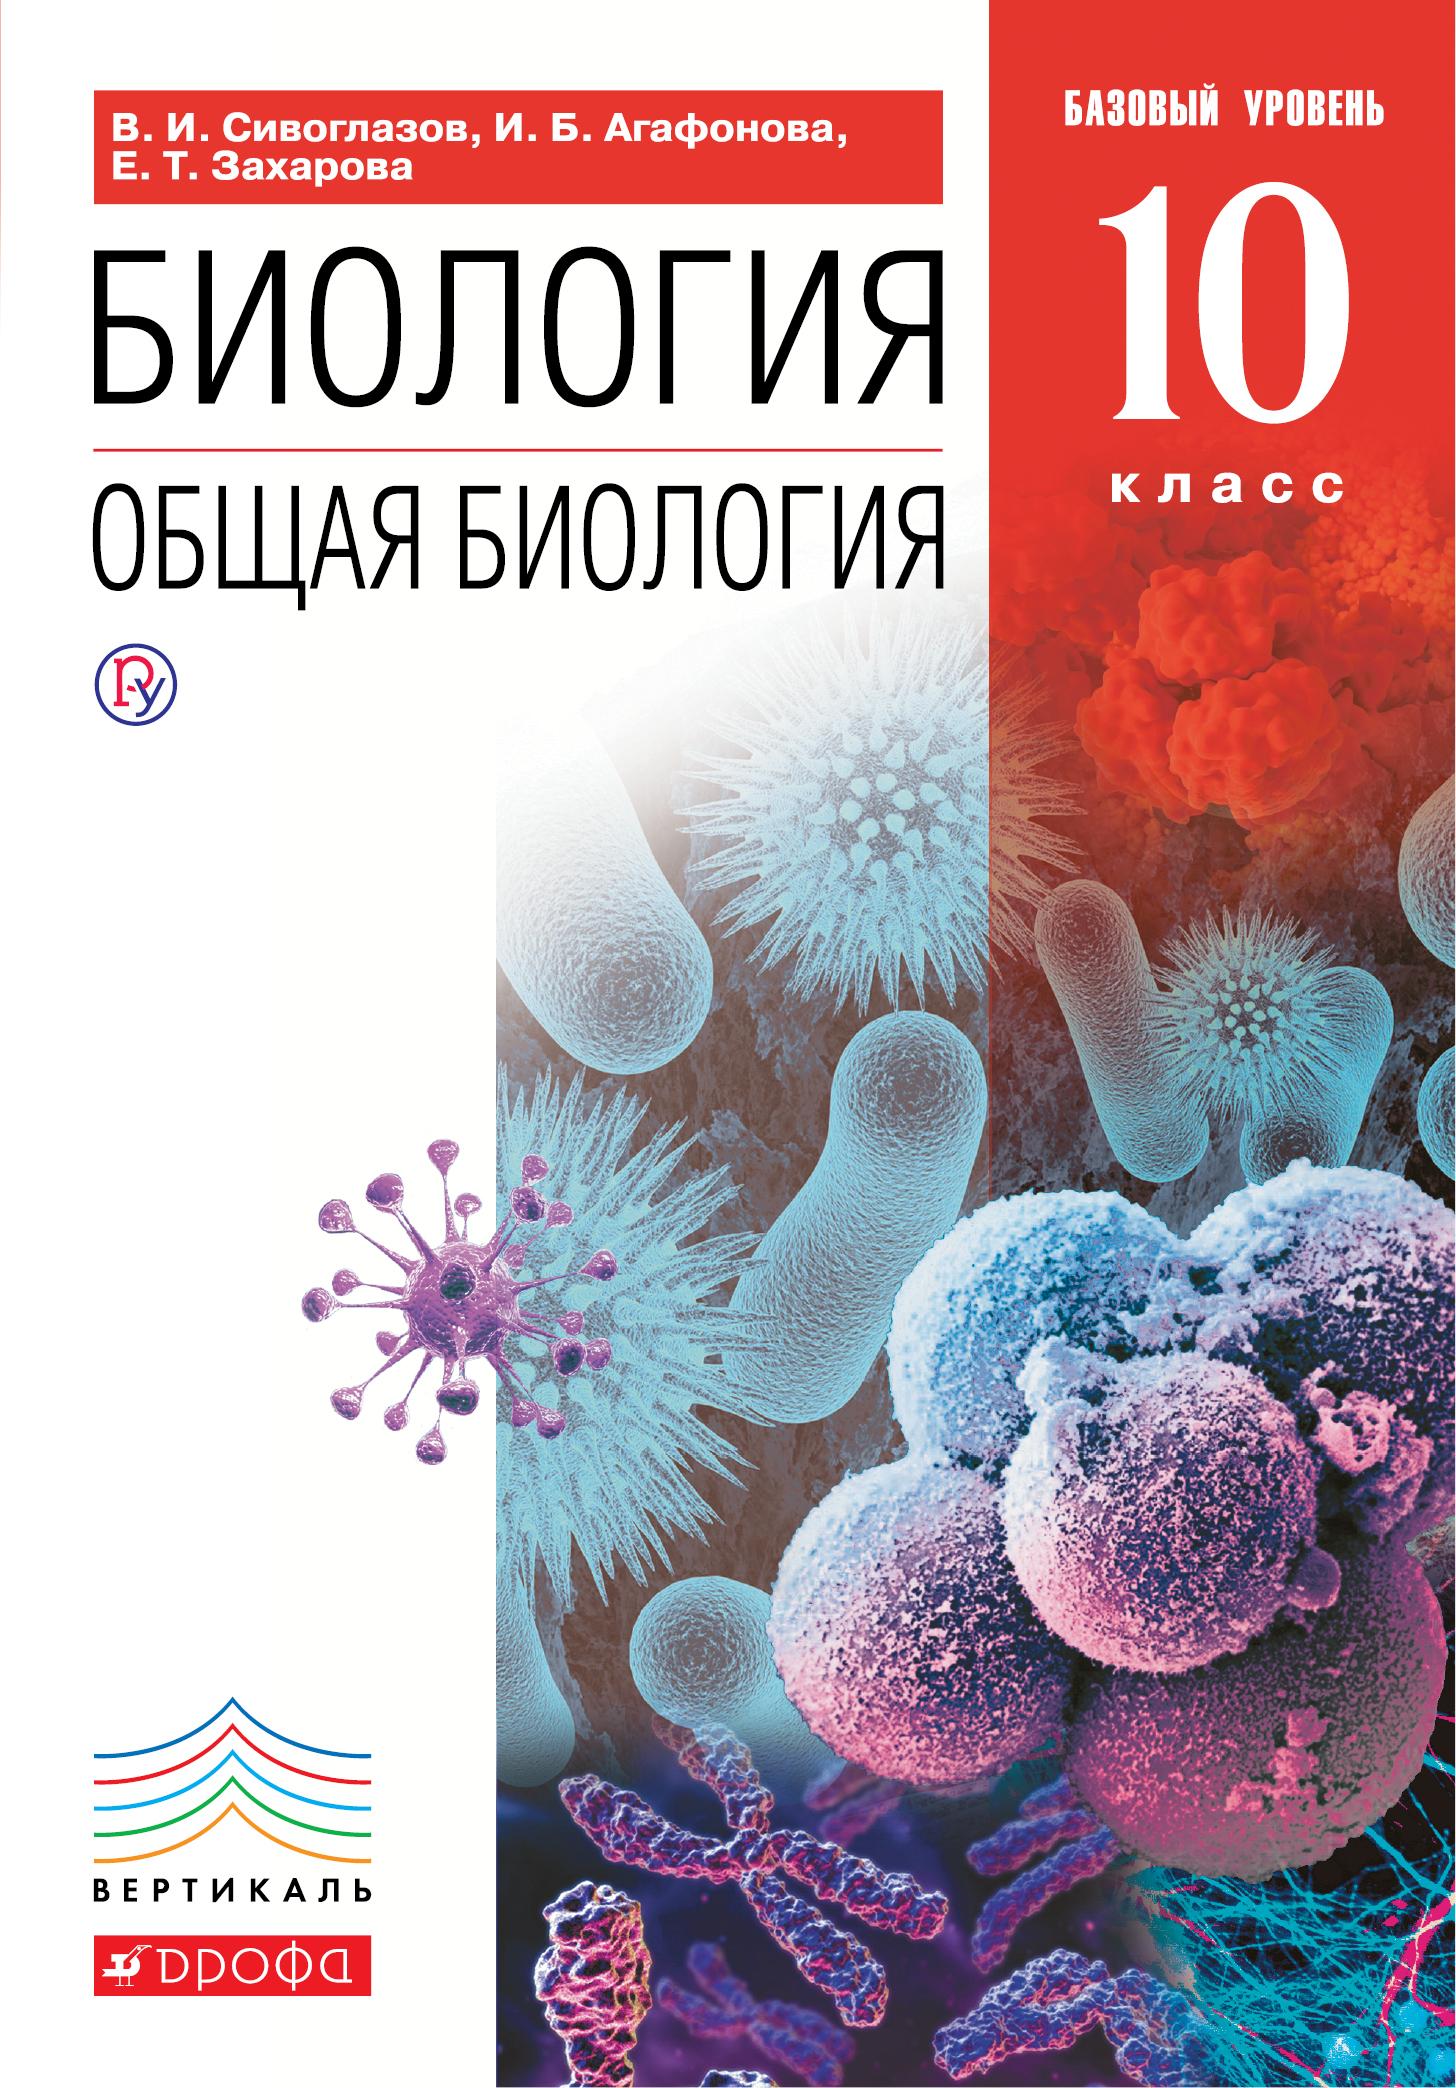 Сивоглазов В.И., Агафонова И.Б., Захарова Е.Т. Общая биология. 10 класс. Учебник. Базовый уровень